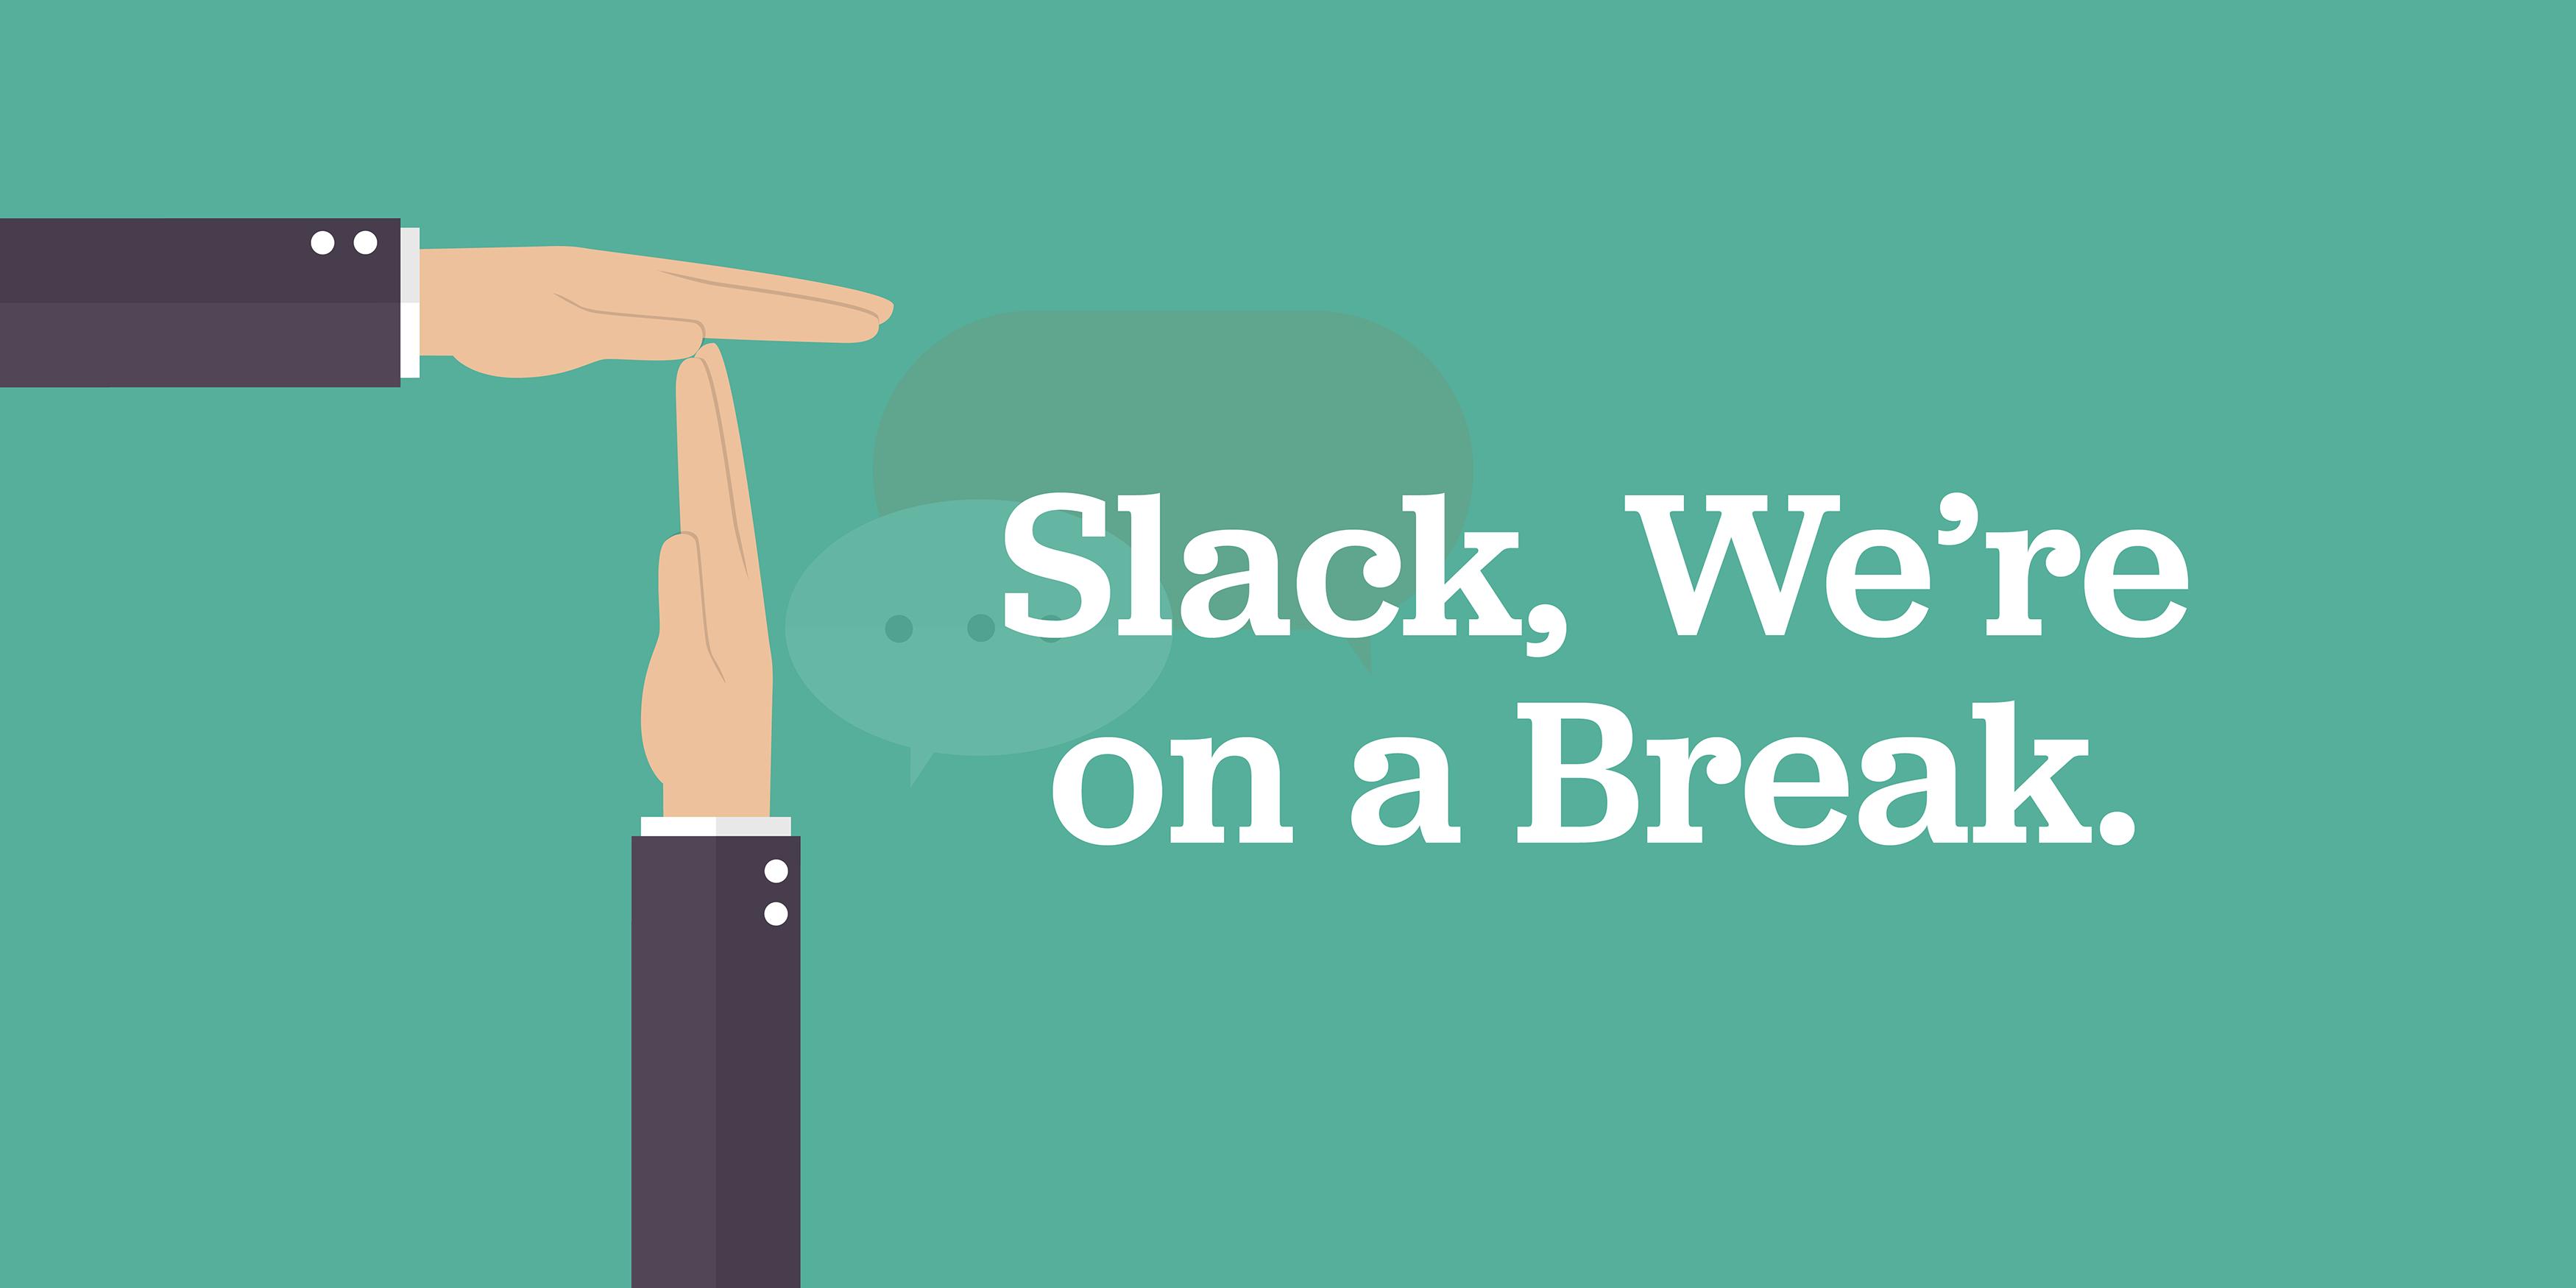 slackbreak-08